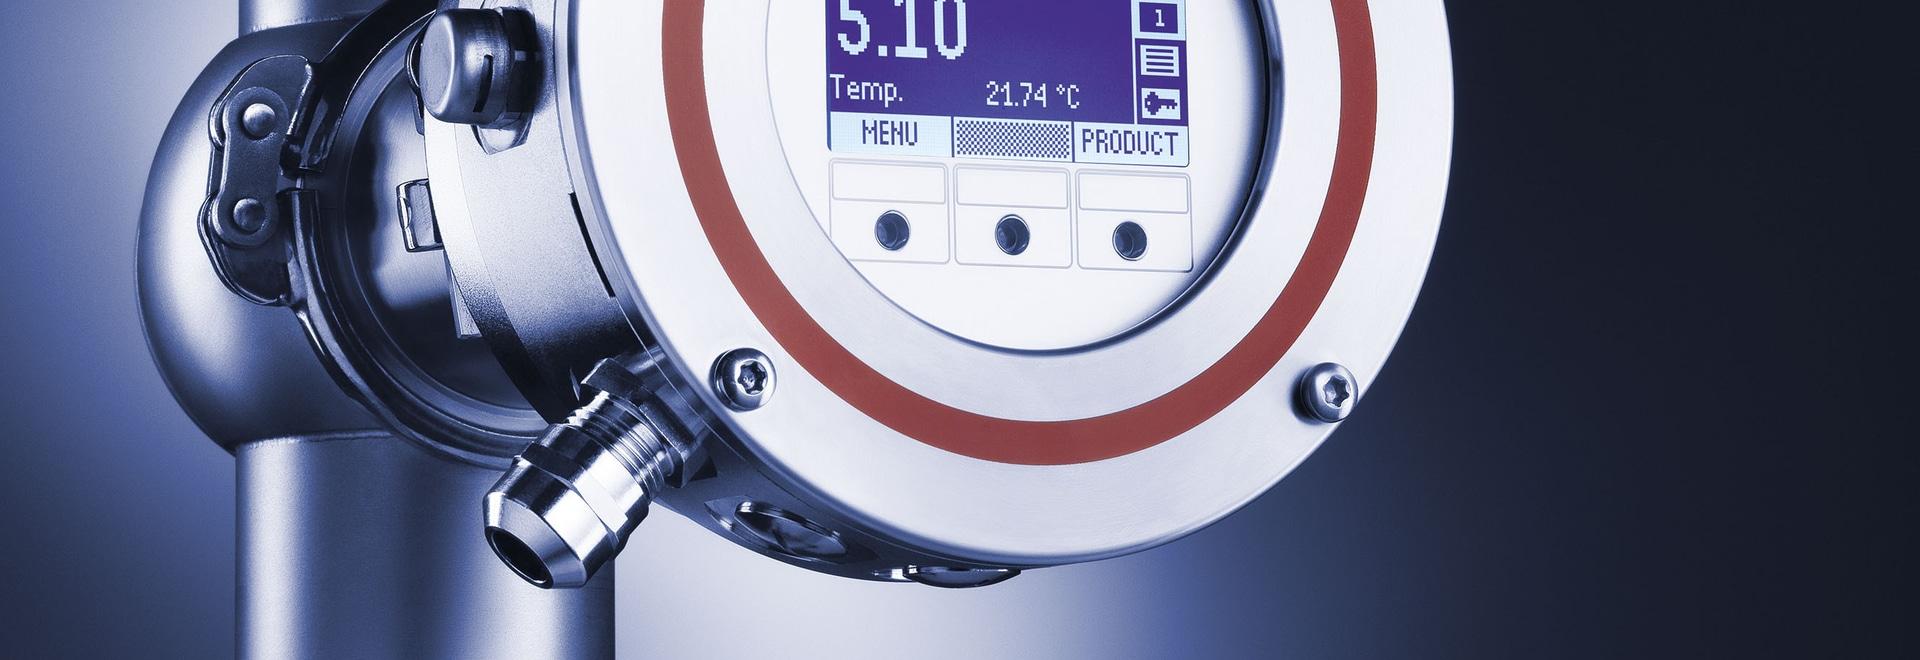 Présents d'ANTON PAAR : Avantages clair comme de l'eau de roche pour la mesure de processus de CO2 en boissons avec le carbo 520 optique